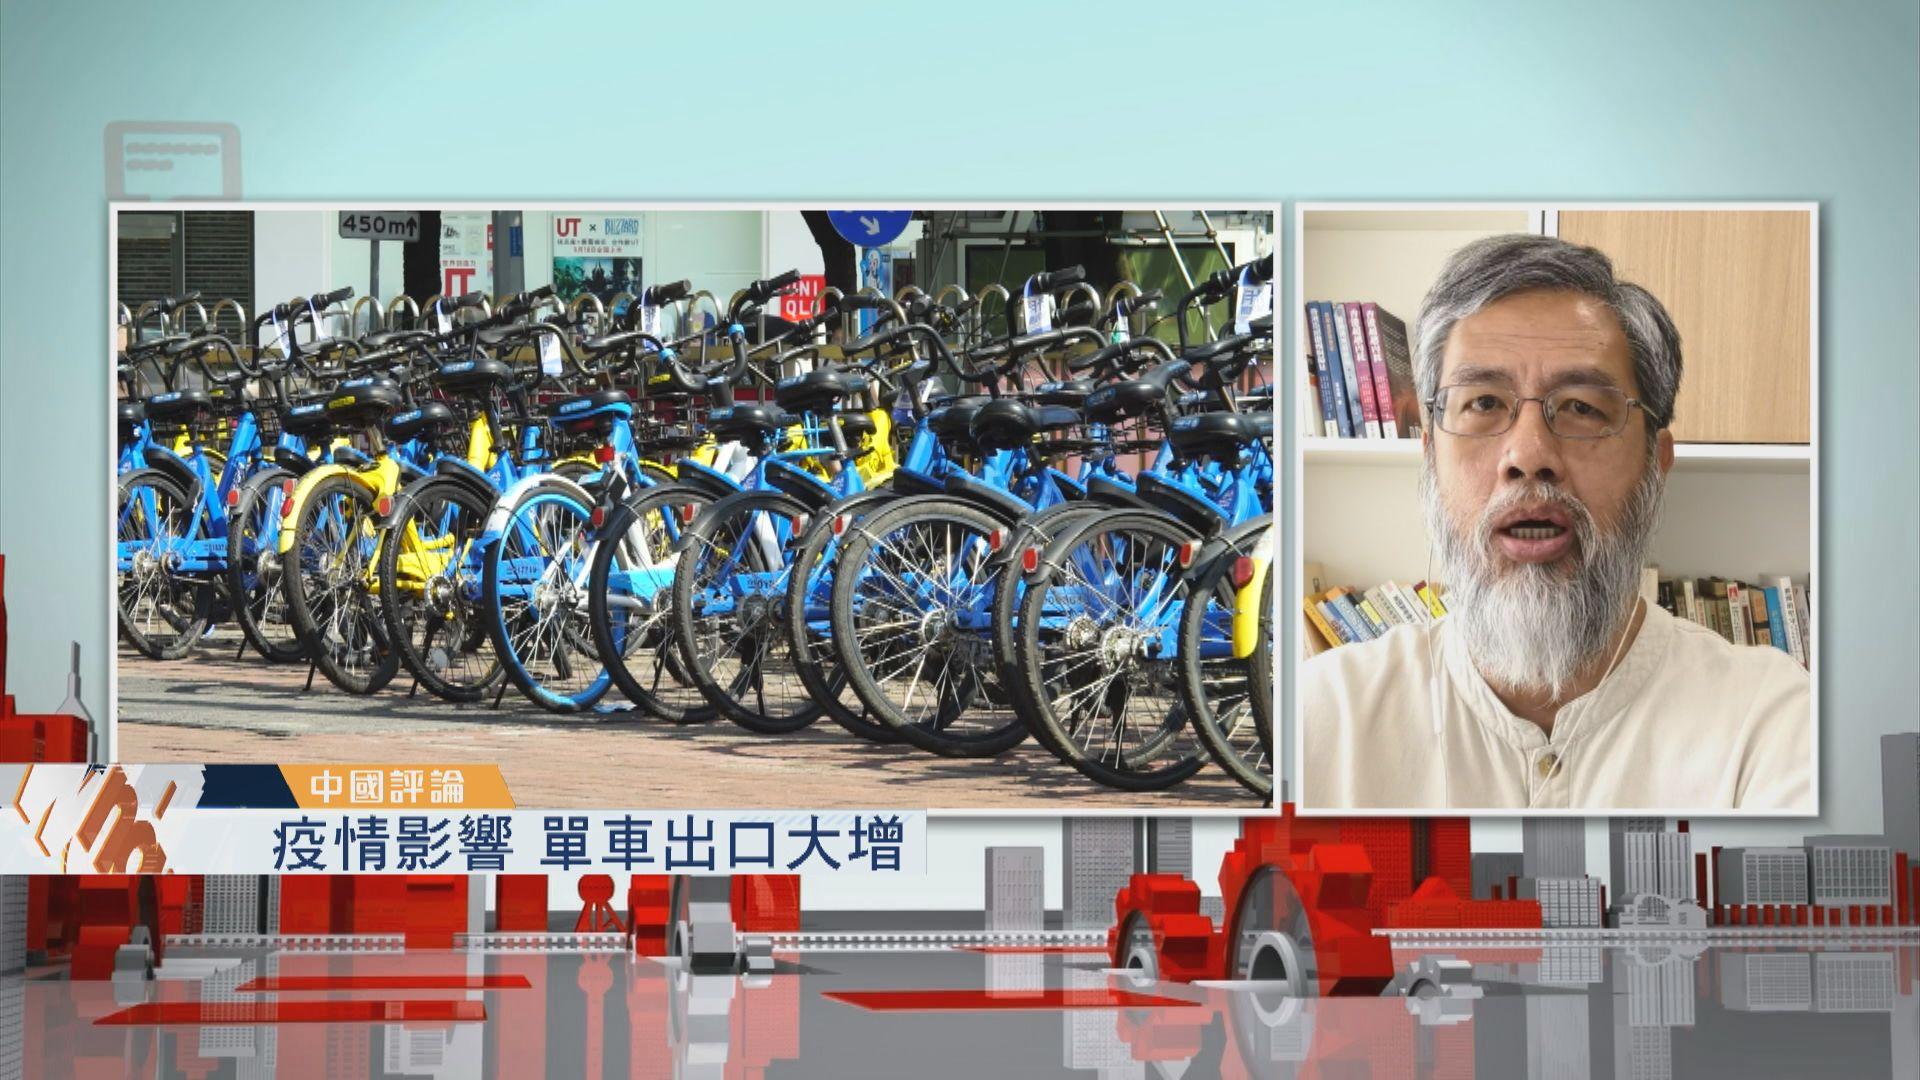 【中國評論】30億元公益訴訟/疫情下單車出口大增